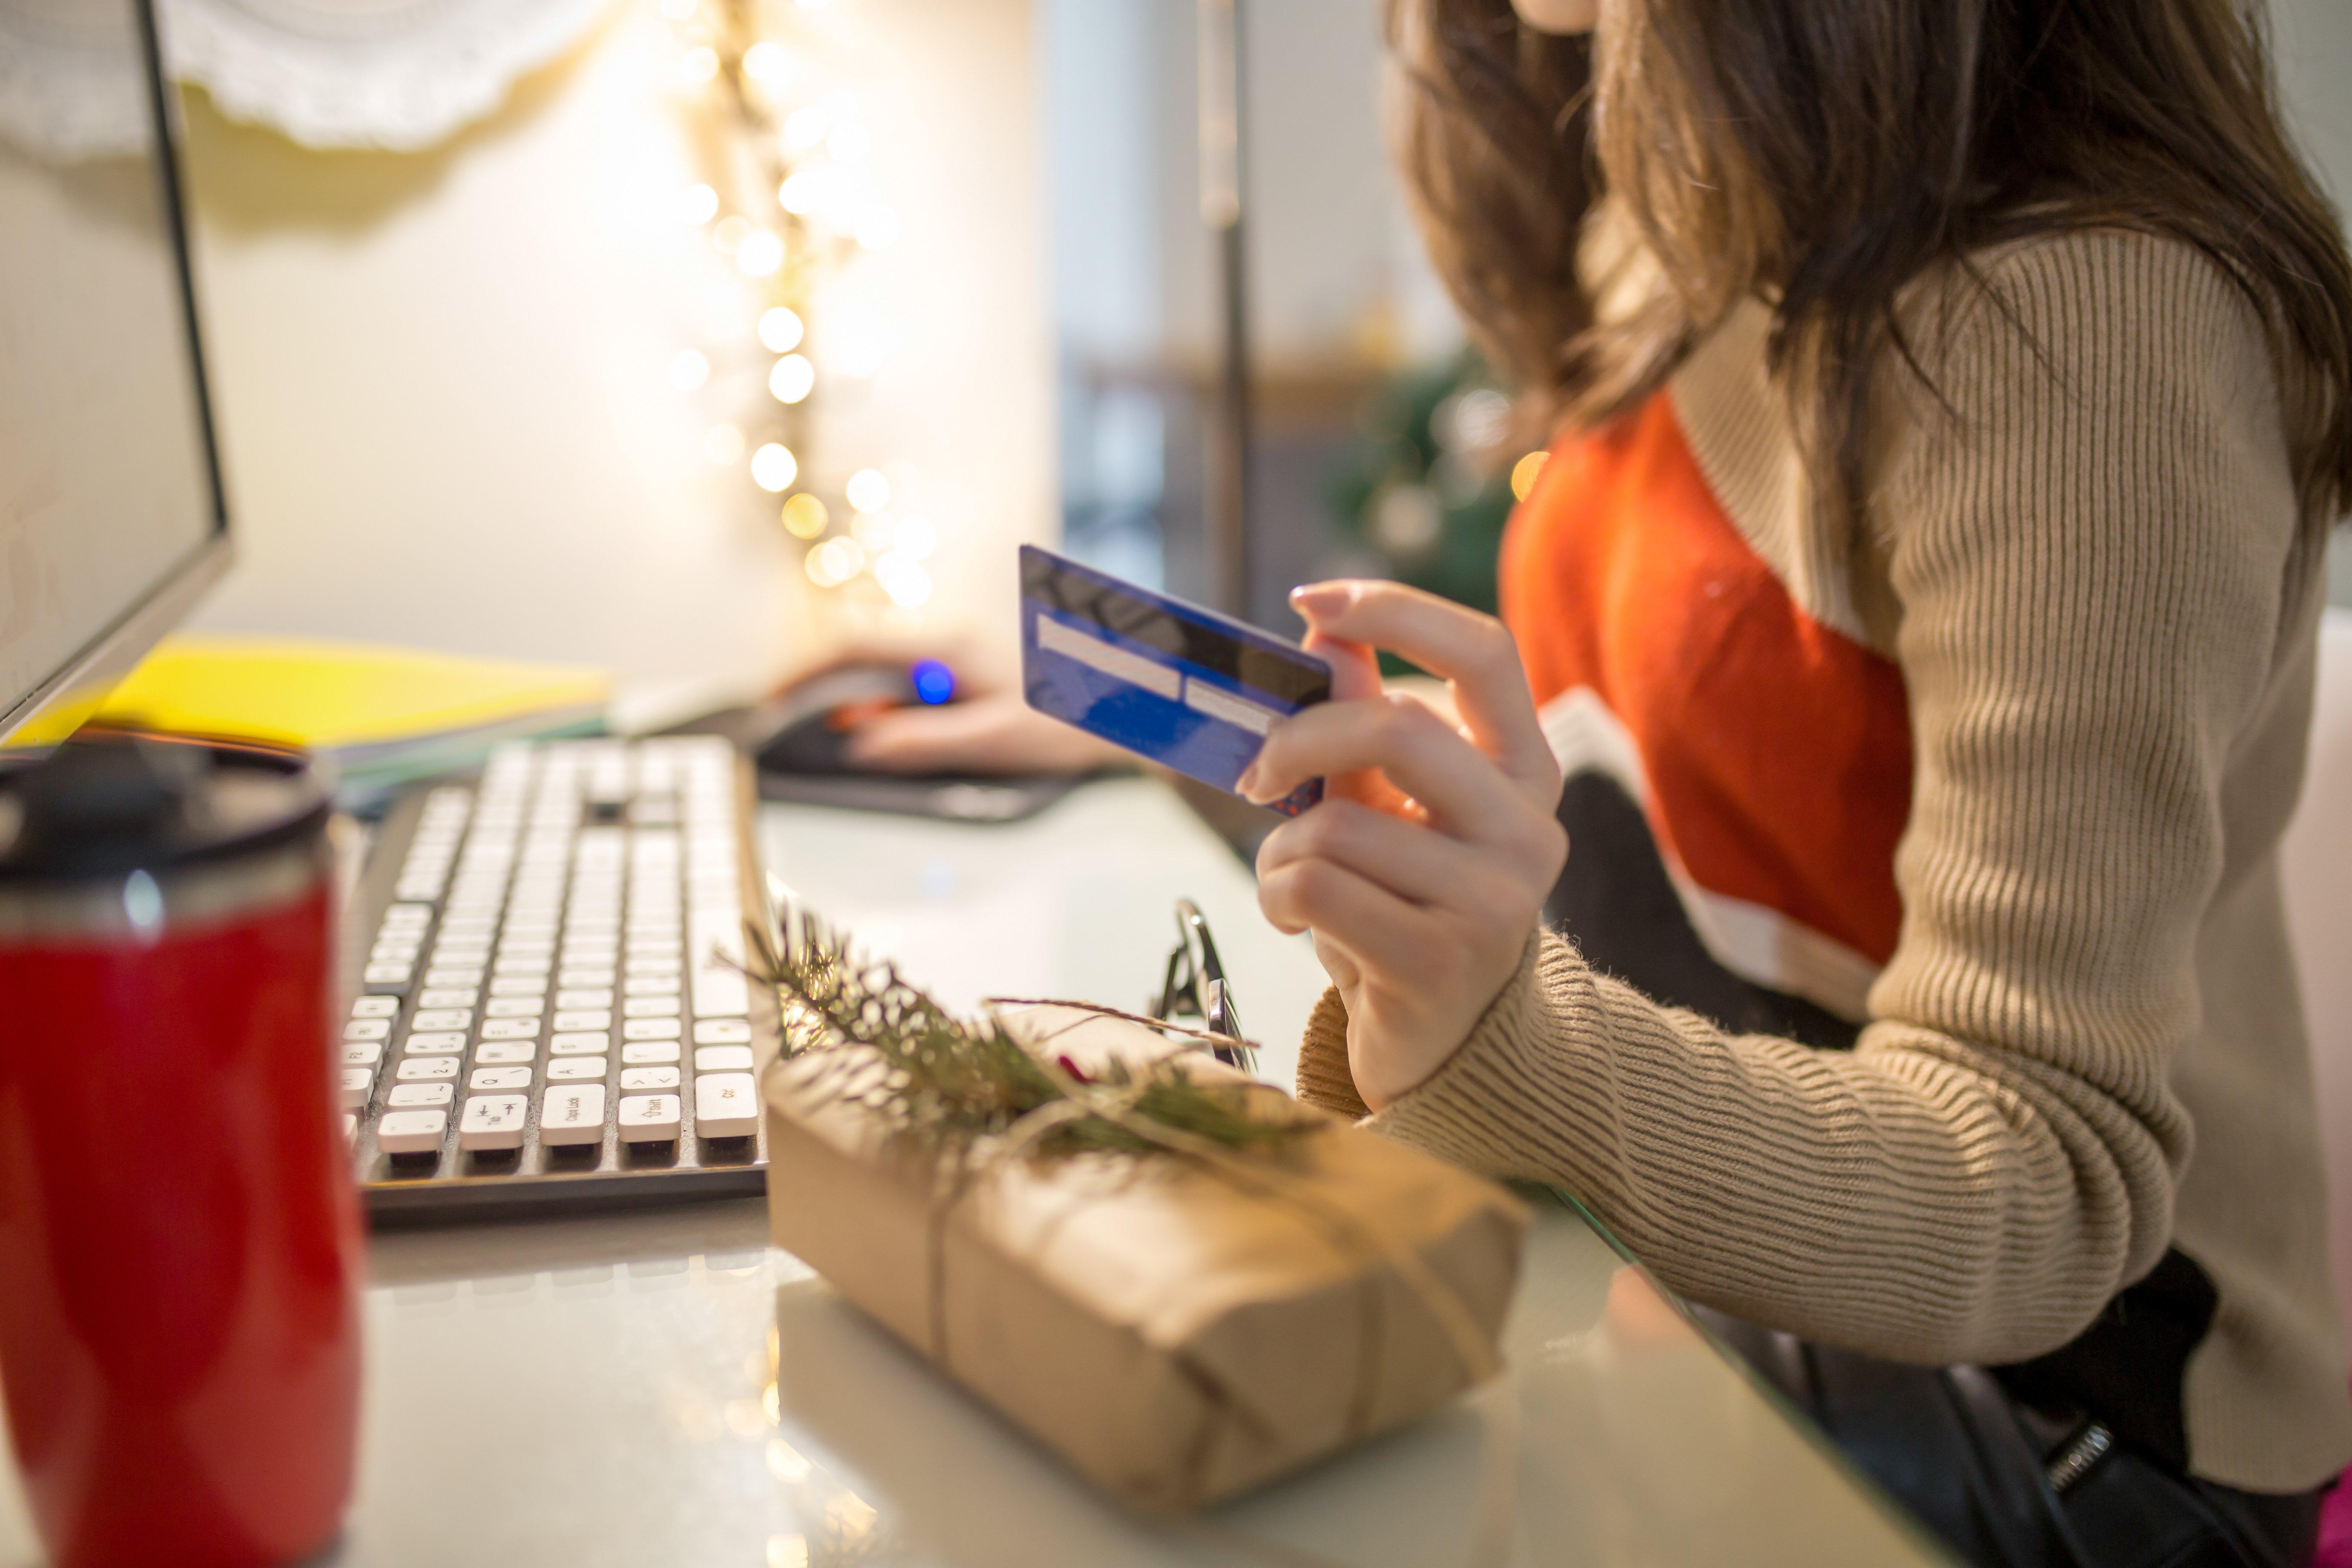 Weihnachtsgeschenke B2b.Die 5 Besten Digitalen Weihnachtsgeschenke Für Ihre Mitarbeitenden